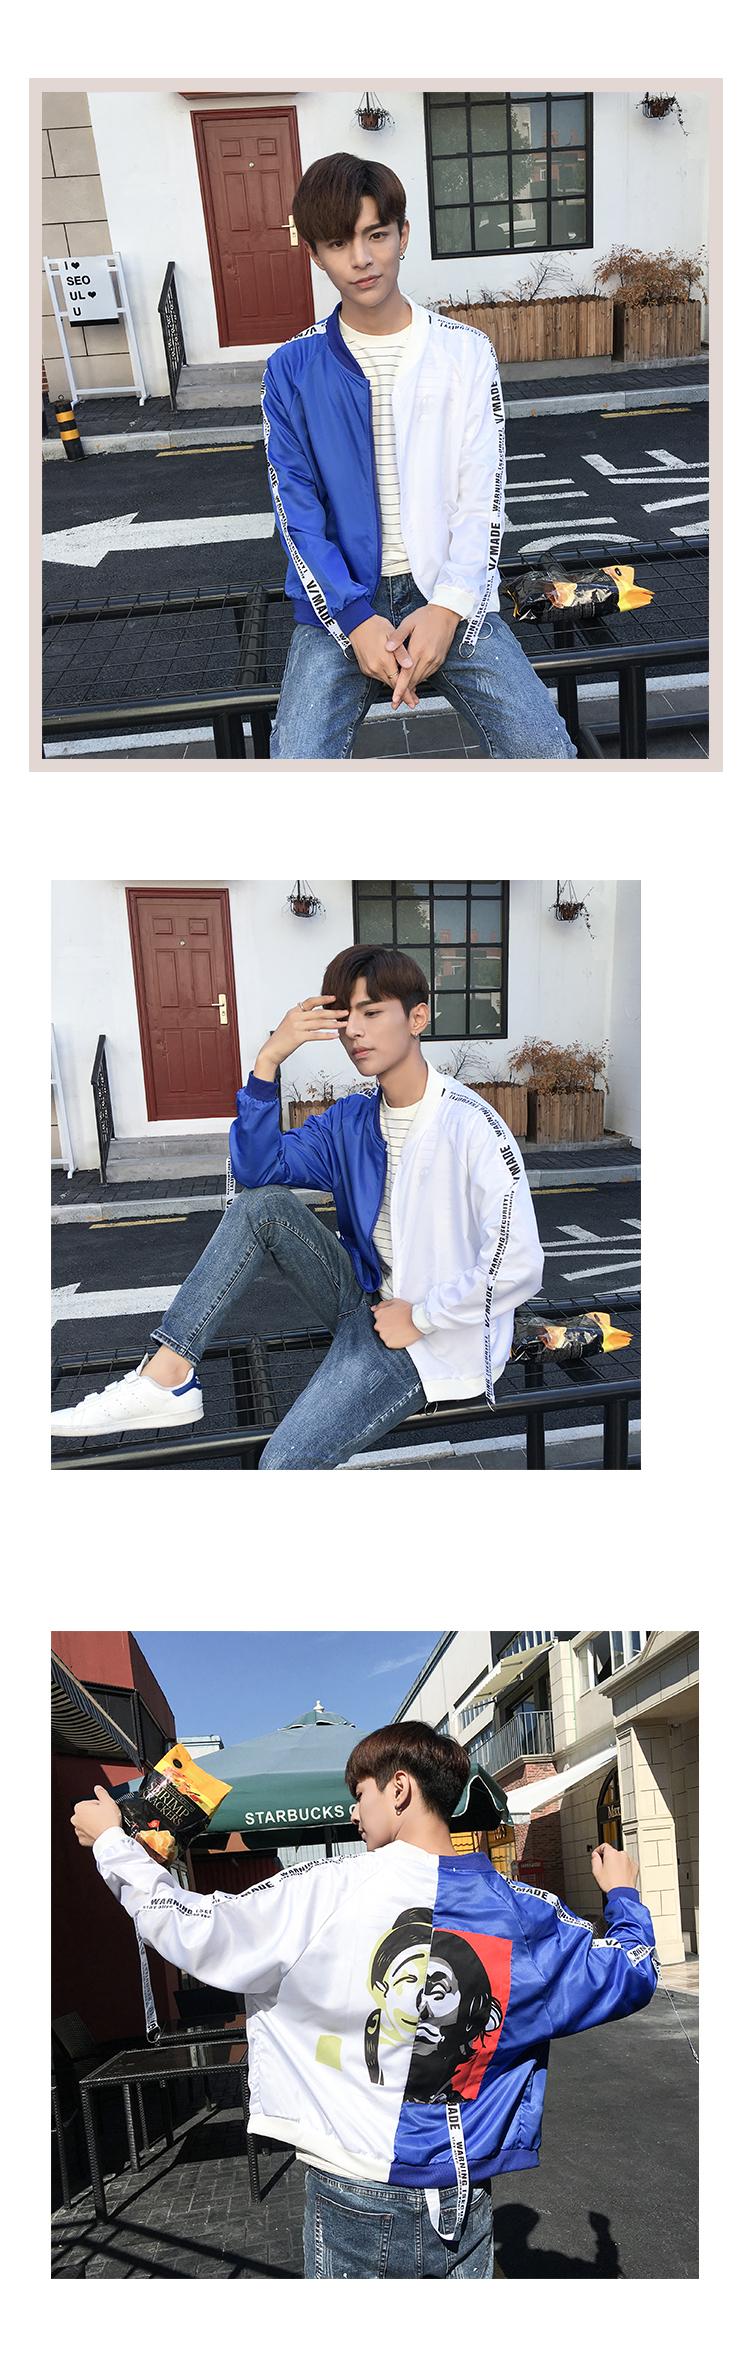 Áo khoác nam 2018 mới mùa xuân và mùa thu nam áo khoác nam Hàn Quốc phiên bản của tự canh tác cá tính đẹp trai xu hướng mùa hè kem chống nắng quần áo